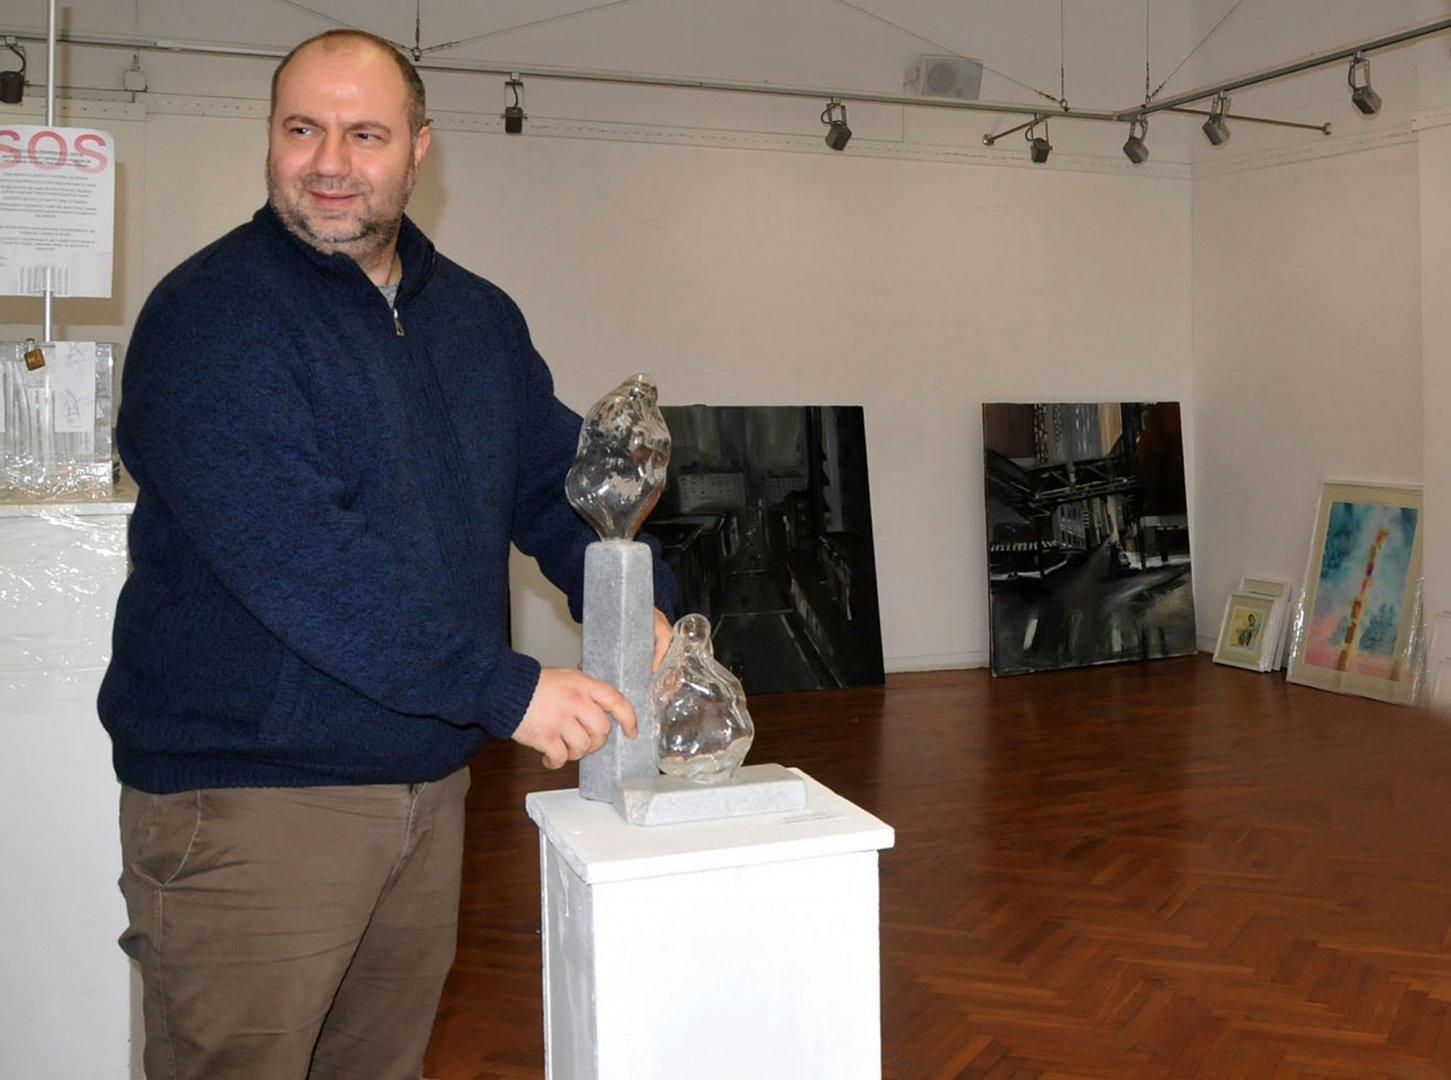 Вълкан Павлов за първи път участва в изложбата Млади автори. Снимки Лина Главинова